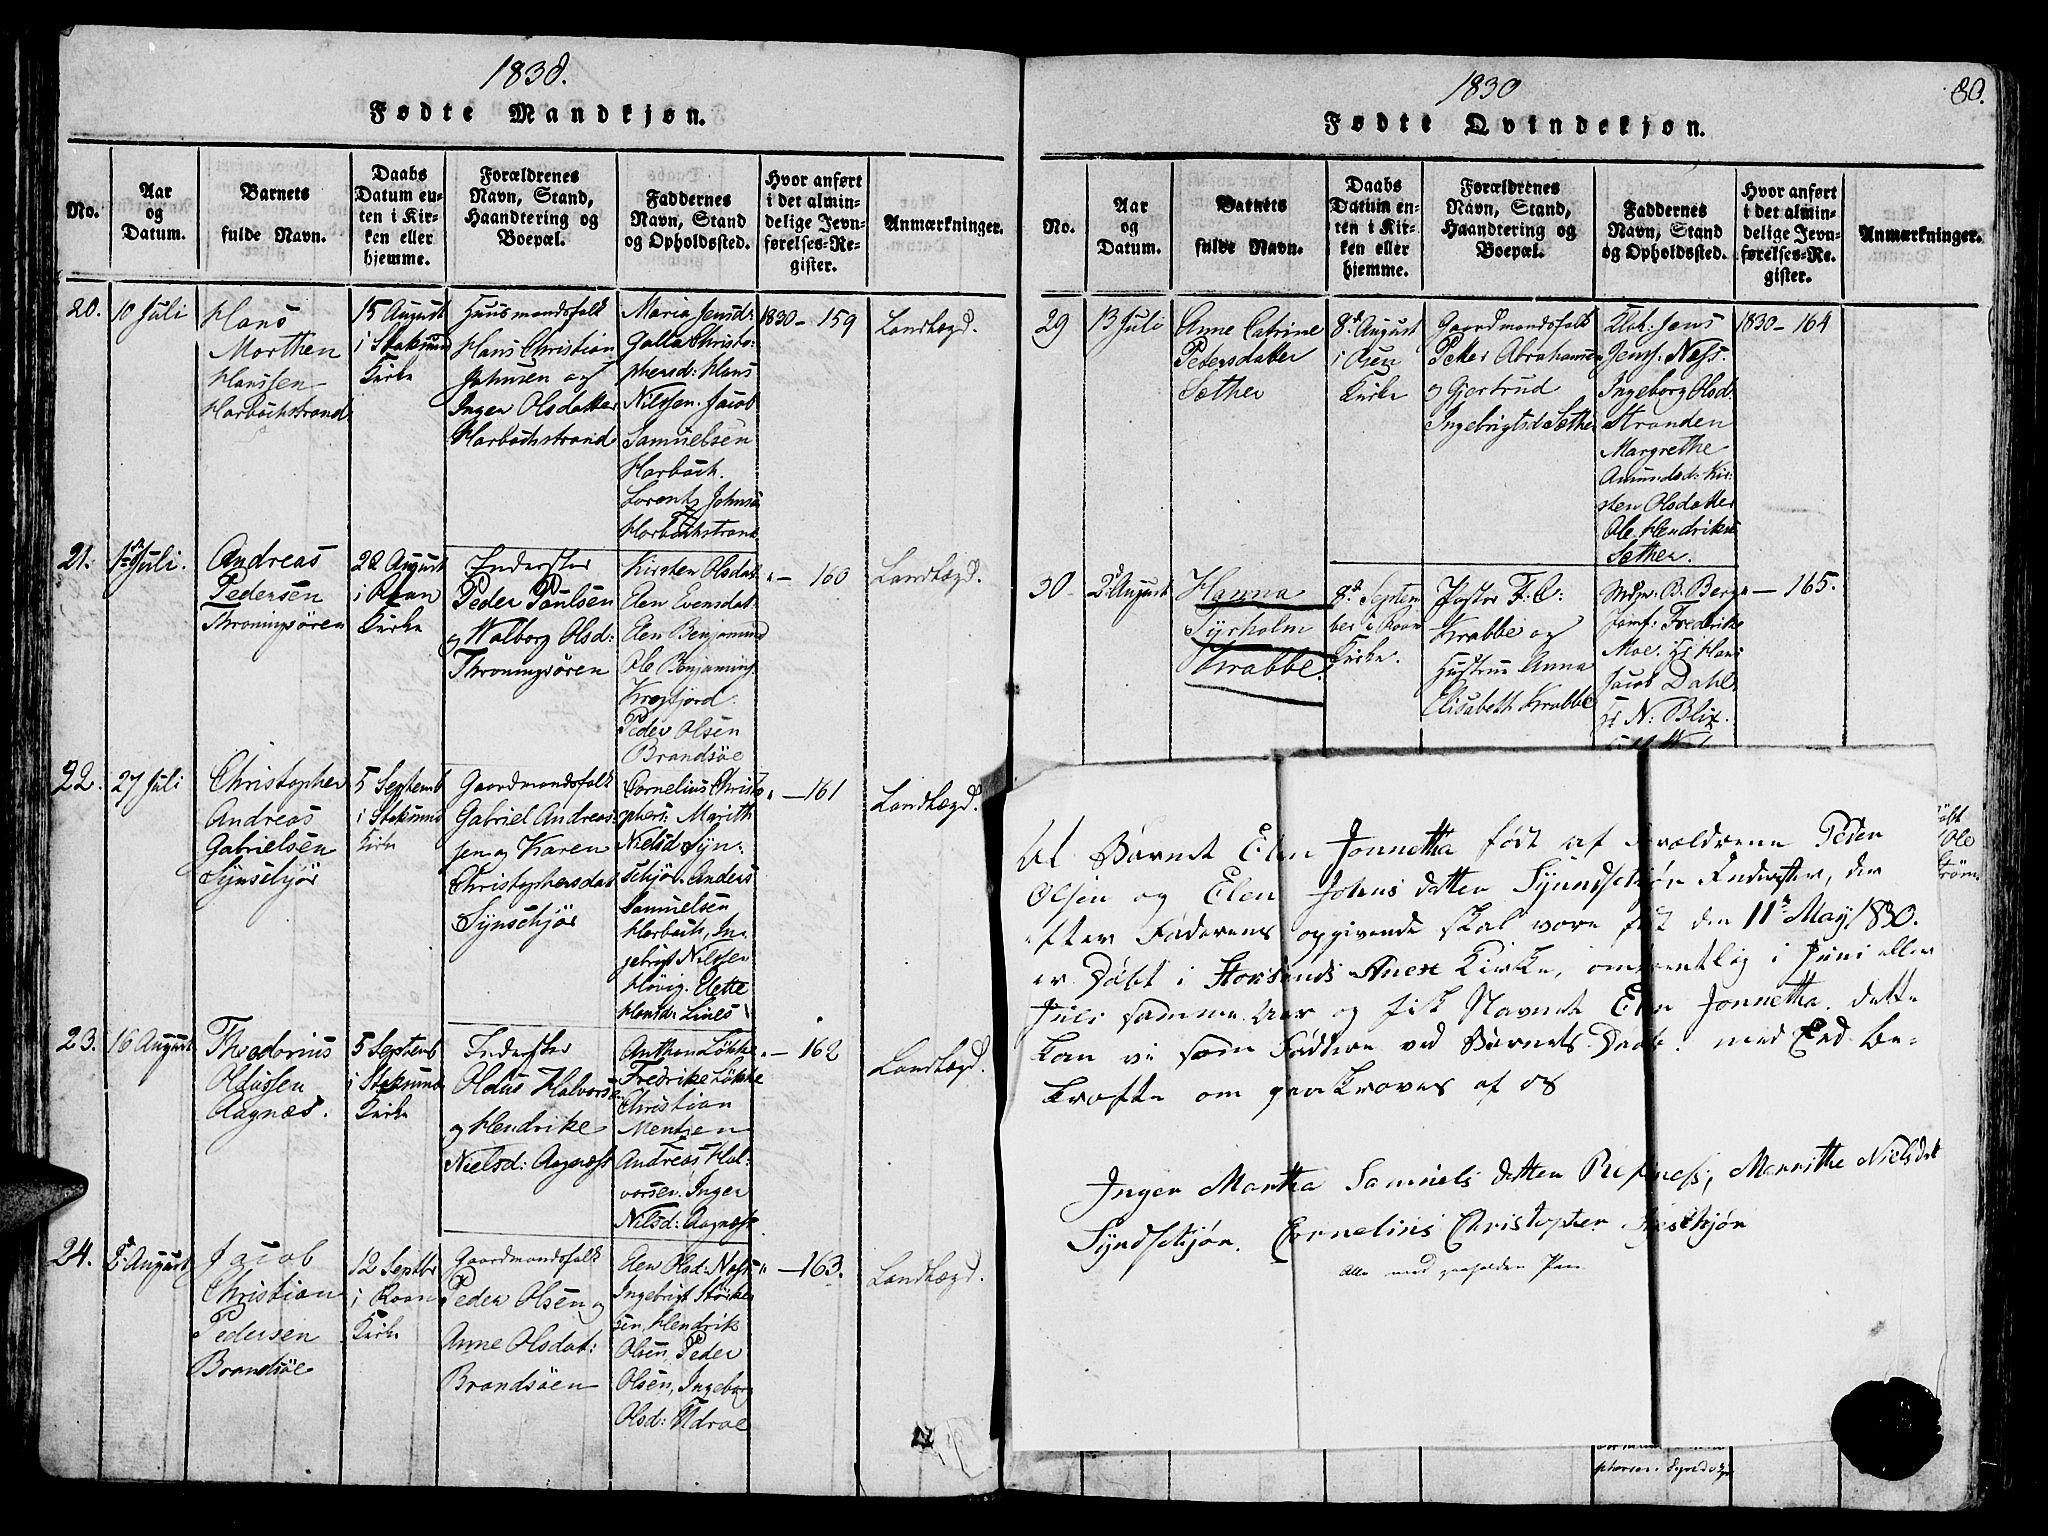 SAT, Ministerialprotokoller, klokkerbøker og fødselsregistre - Sør-Trøndelag, 657/L0702: Ministerialbok nr. 657A03, 1818-1831, s. 80